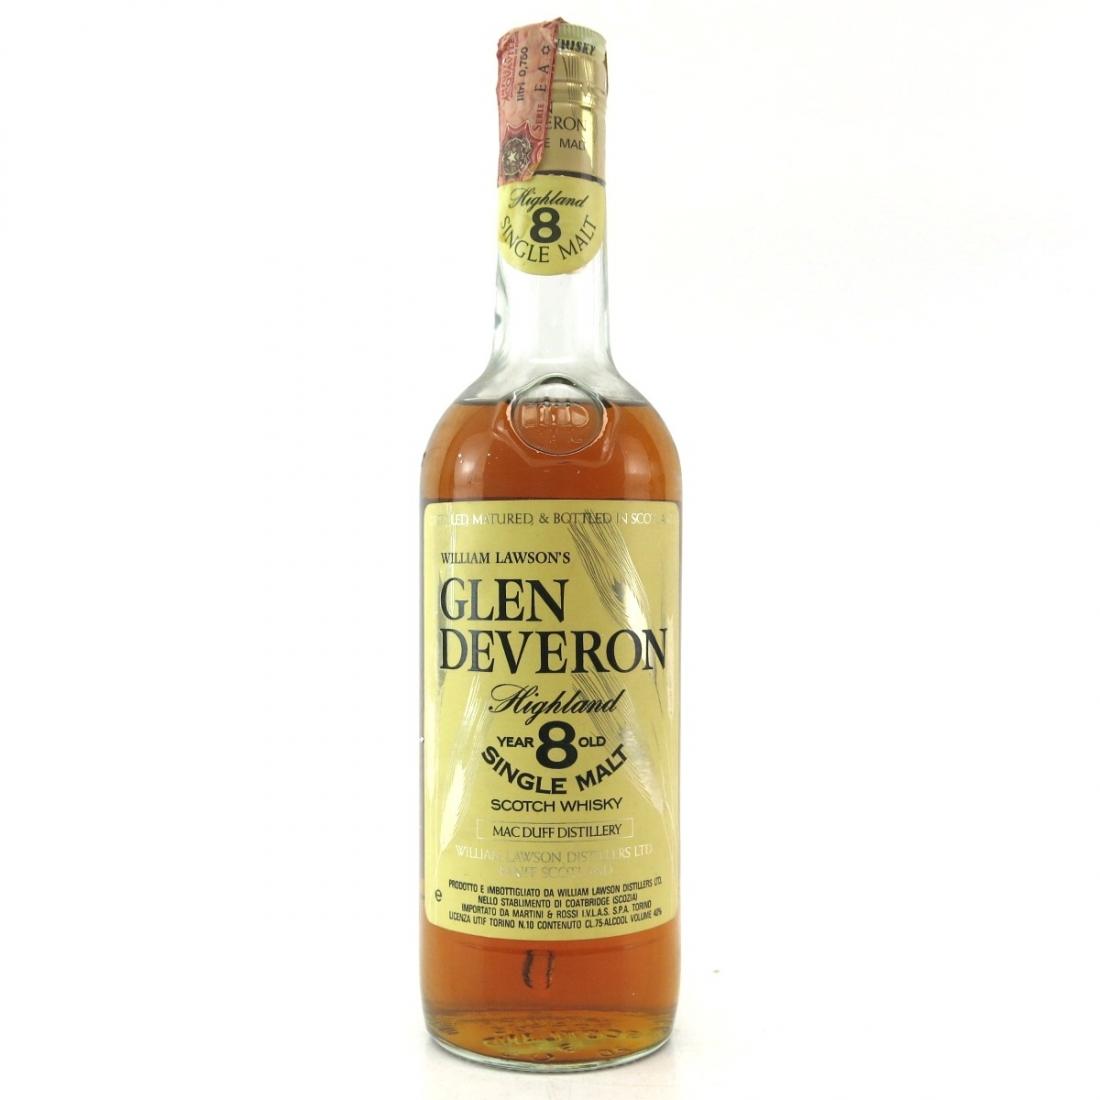 Glen Deveron 8 Year Old 1980s / Macduff